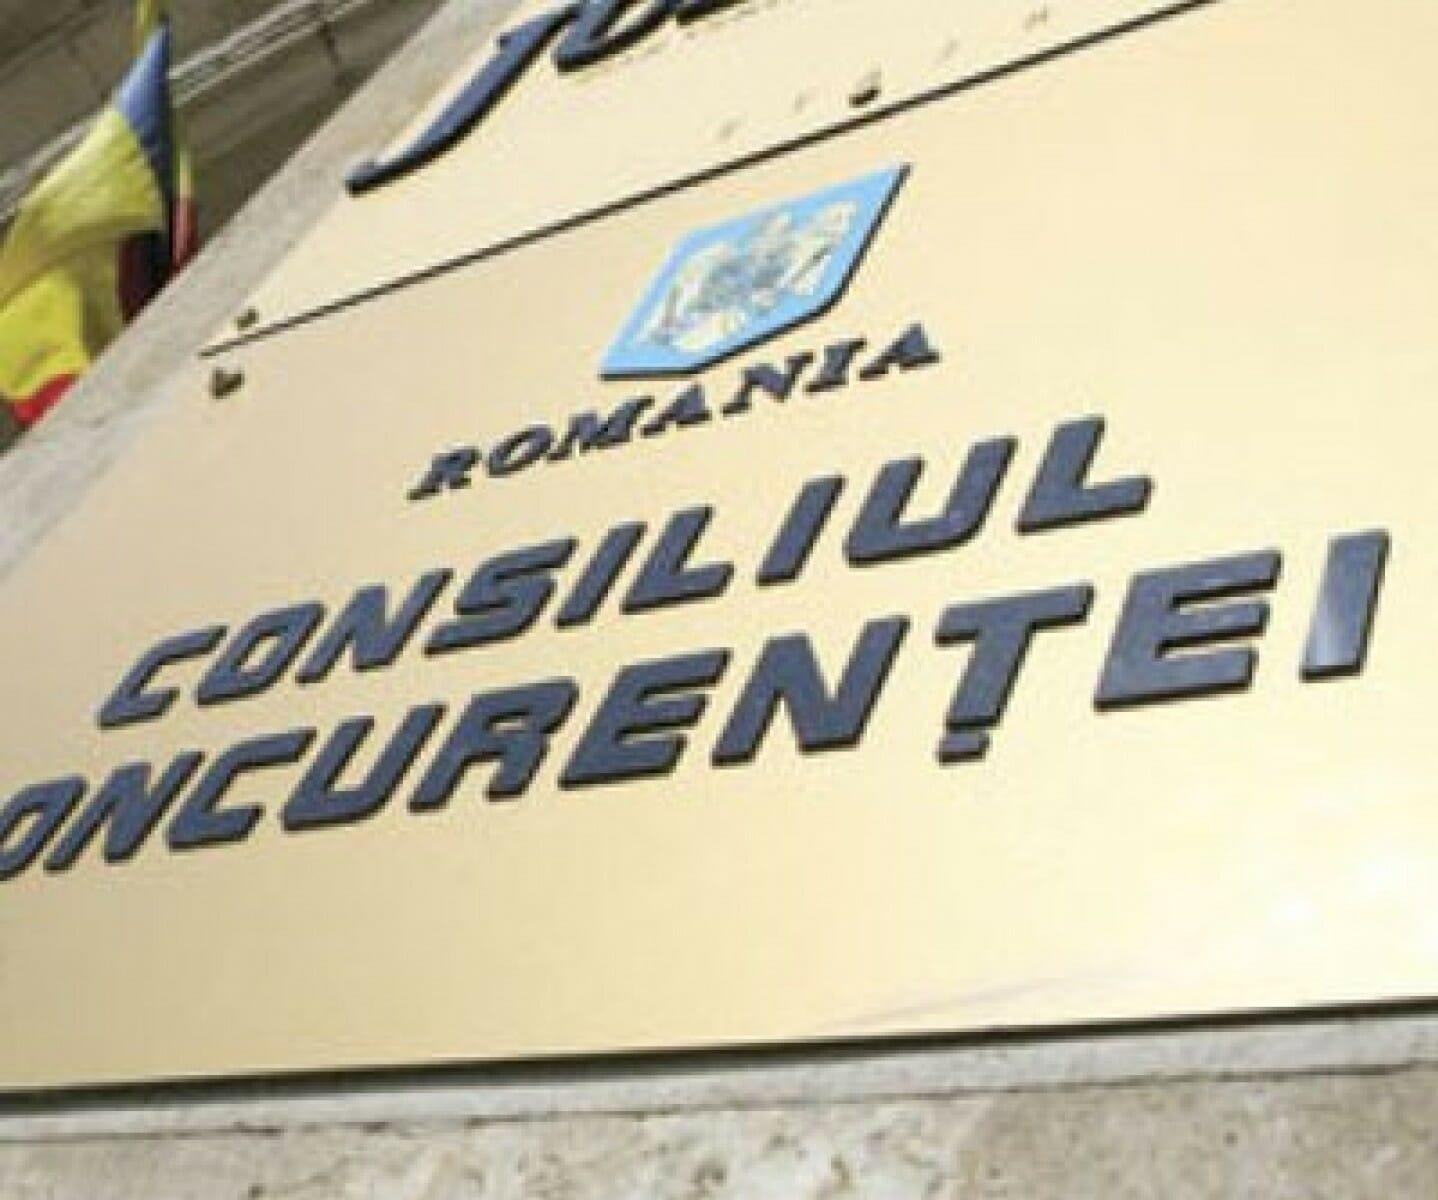 Allianz-Ţiriac Asigurări preia Gothaer Asigurări Reasigurări; tranzacţia a fost autorizată de Consiliul Concurenţei